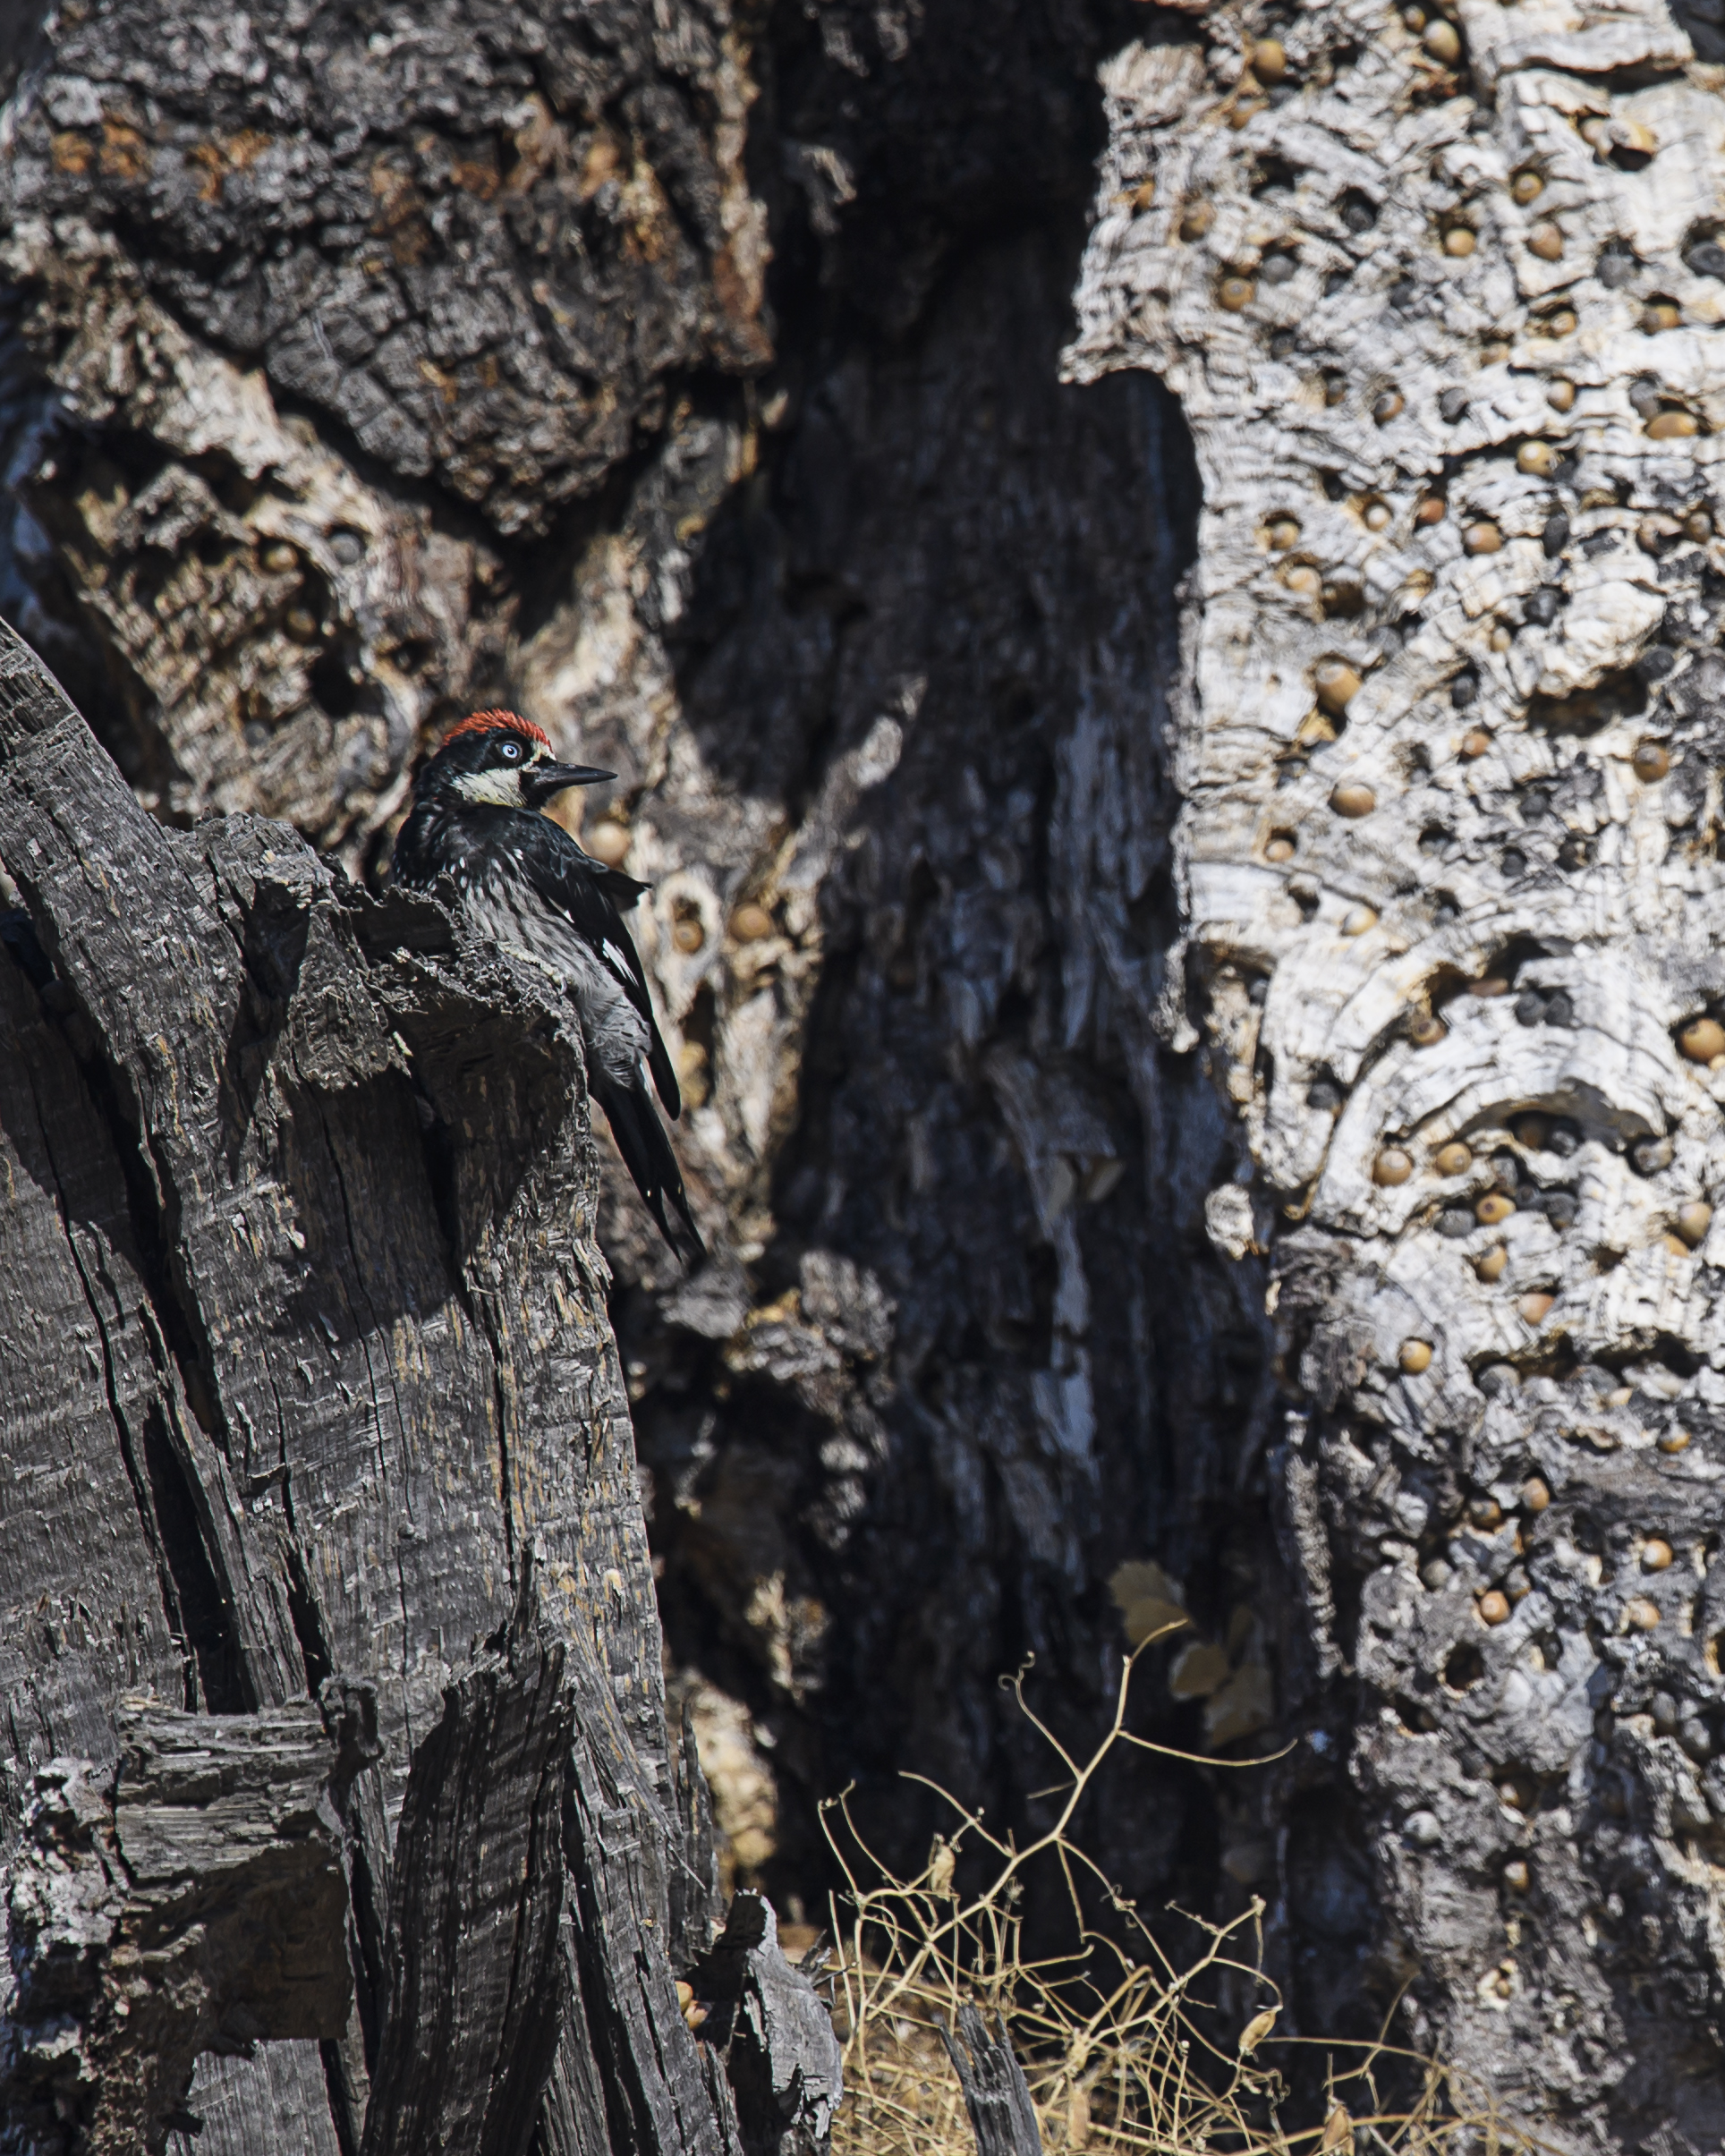 acorn-woodpecker-hoarding-2